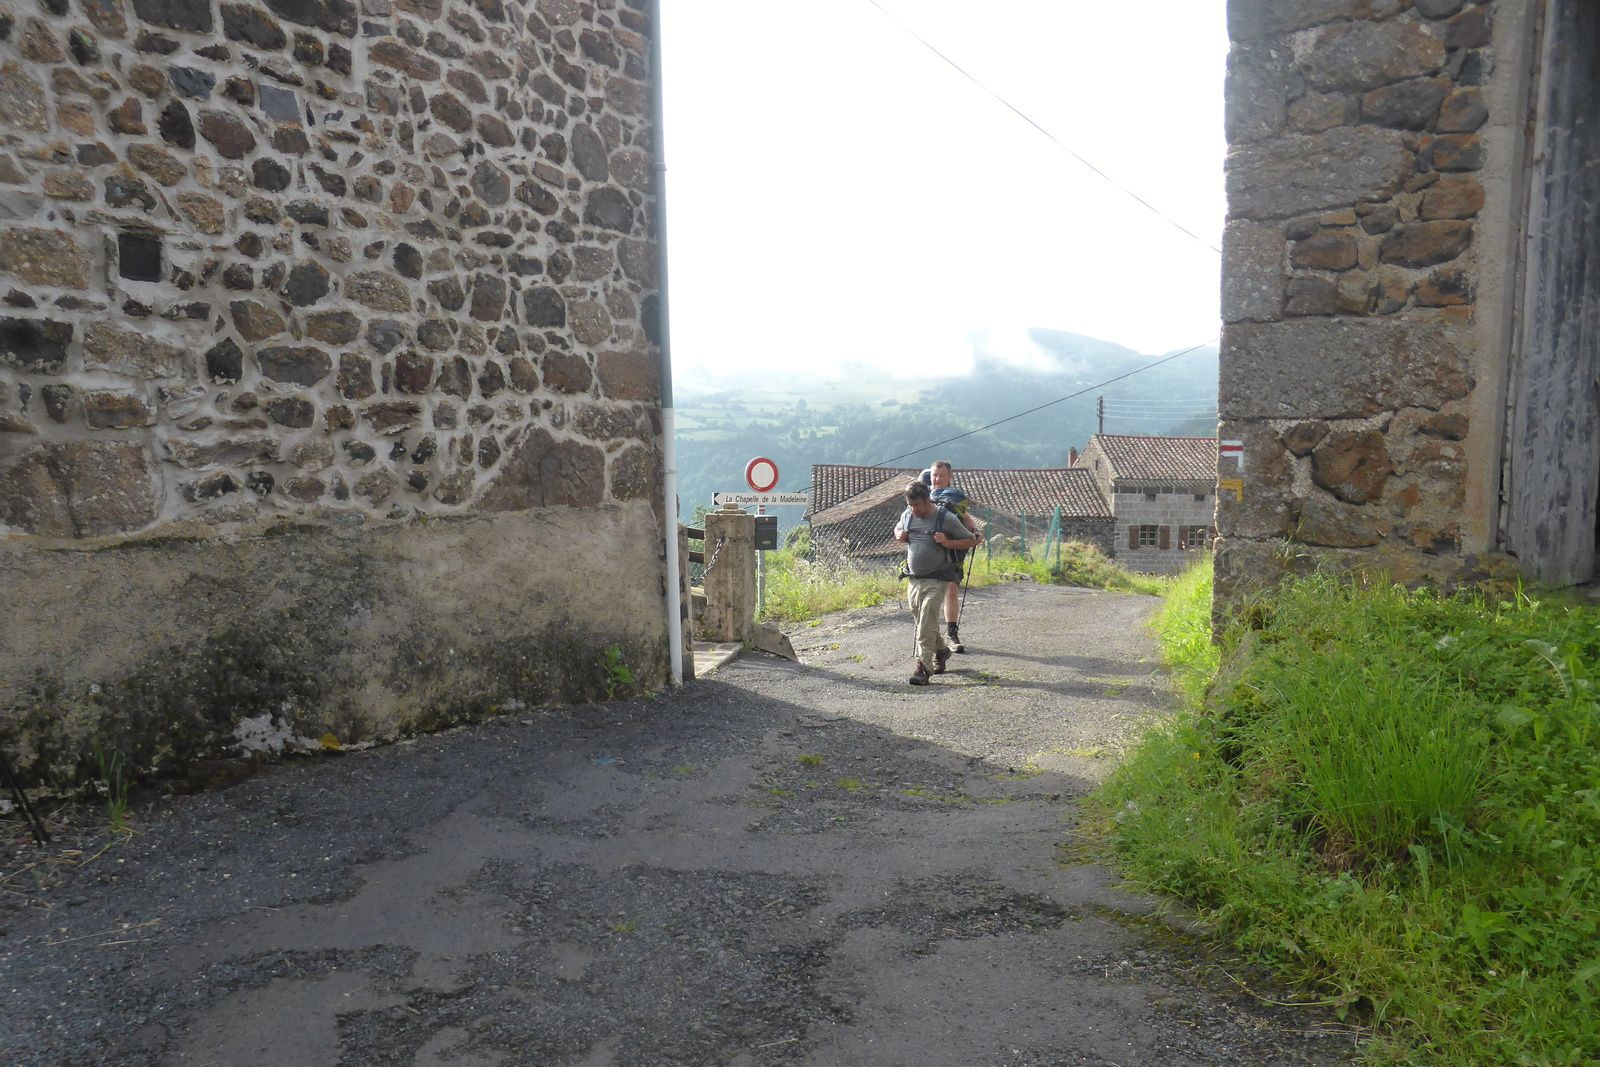 Escluzels, arrivée dans le village après la montée, nous faisons une petite halte, avant de reprendre la route, le paysage est magnifique avec un champ de coquelicot durant notre prochaine montée.